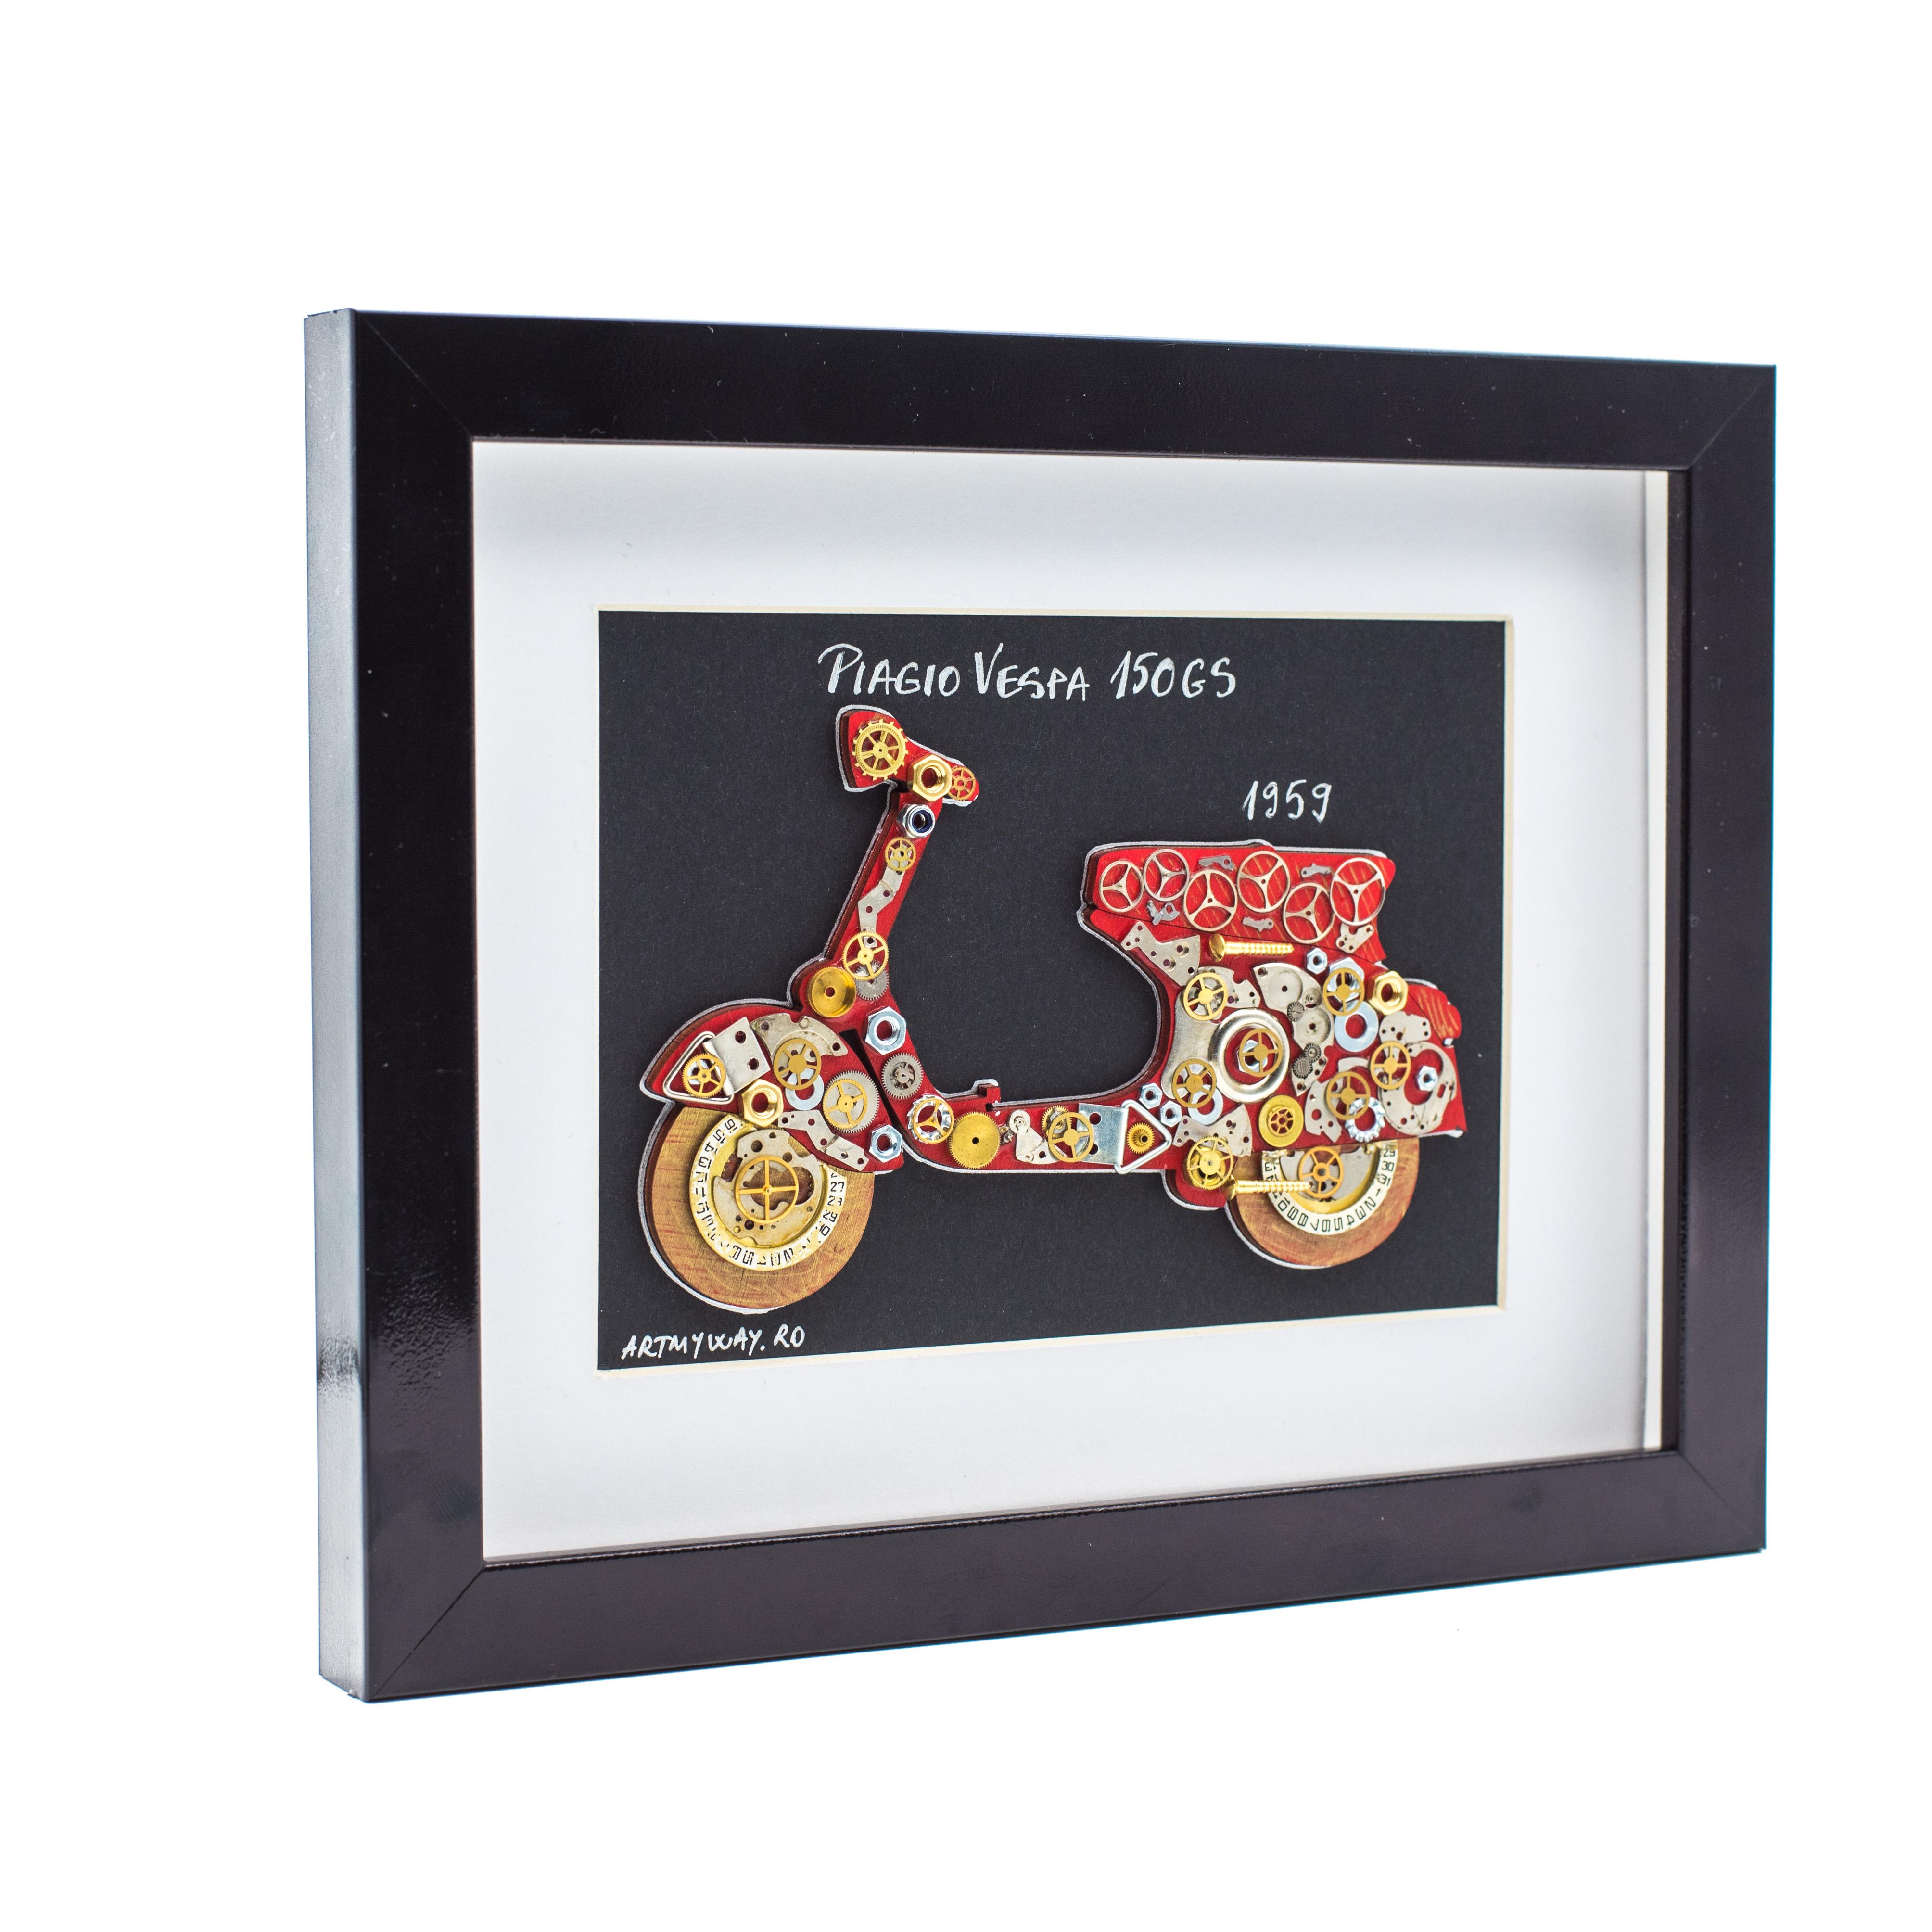 Tablou Piagio VESPA 150GS - Colectia Born to Ride2